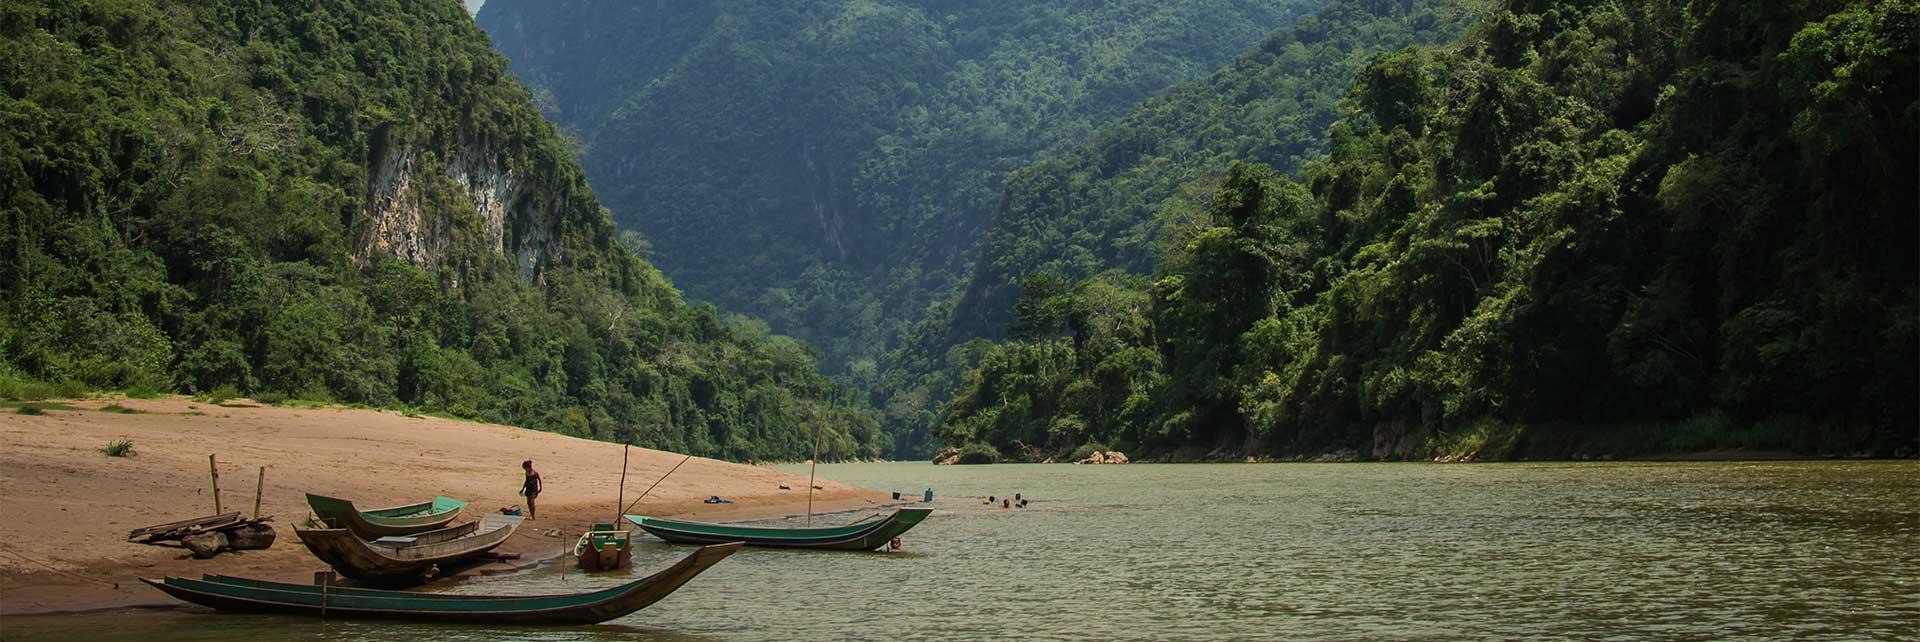 Laos - Maioba Turismo - Viagens na natureza, experiências ...